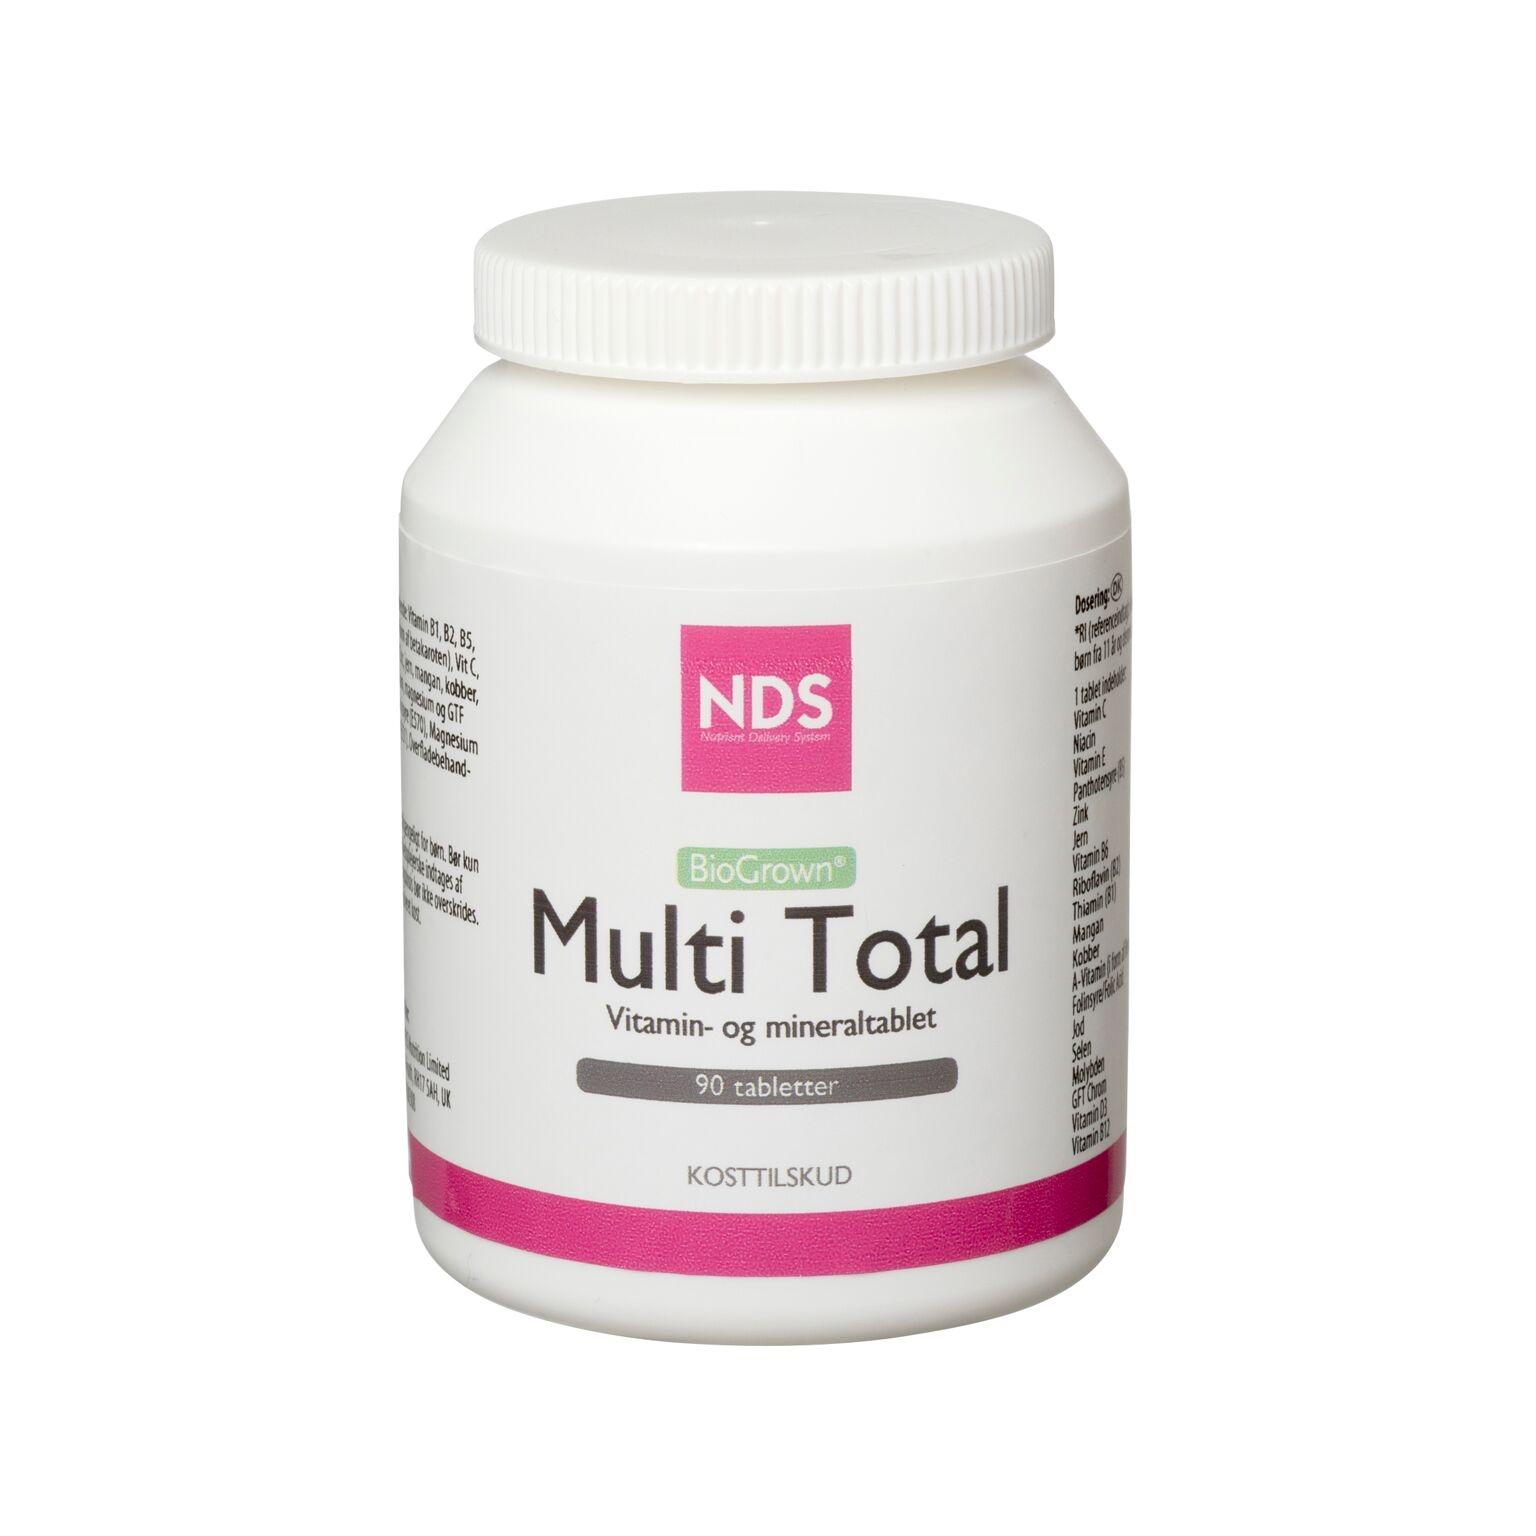 NDS Multi Total - multivit og mineral 90 tab